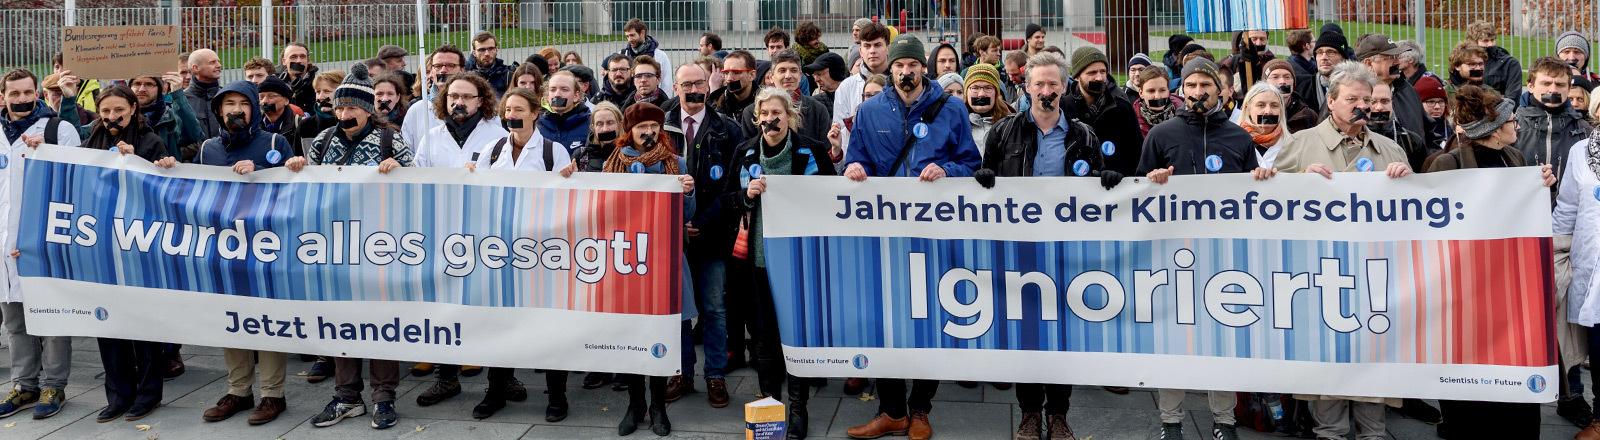 Scientists for Future demonstrieren.